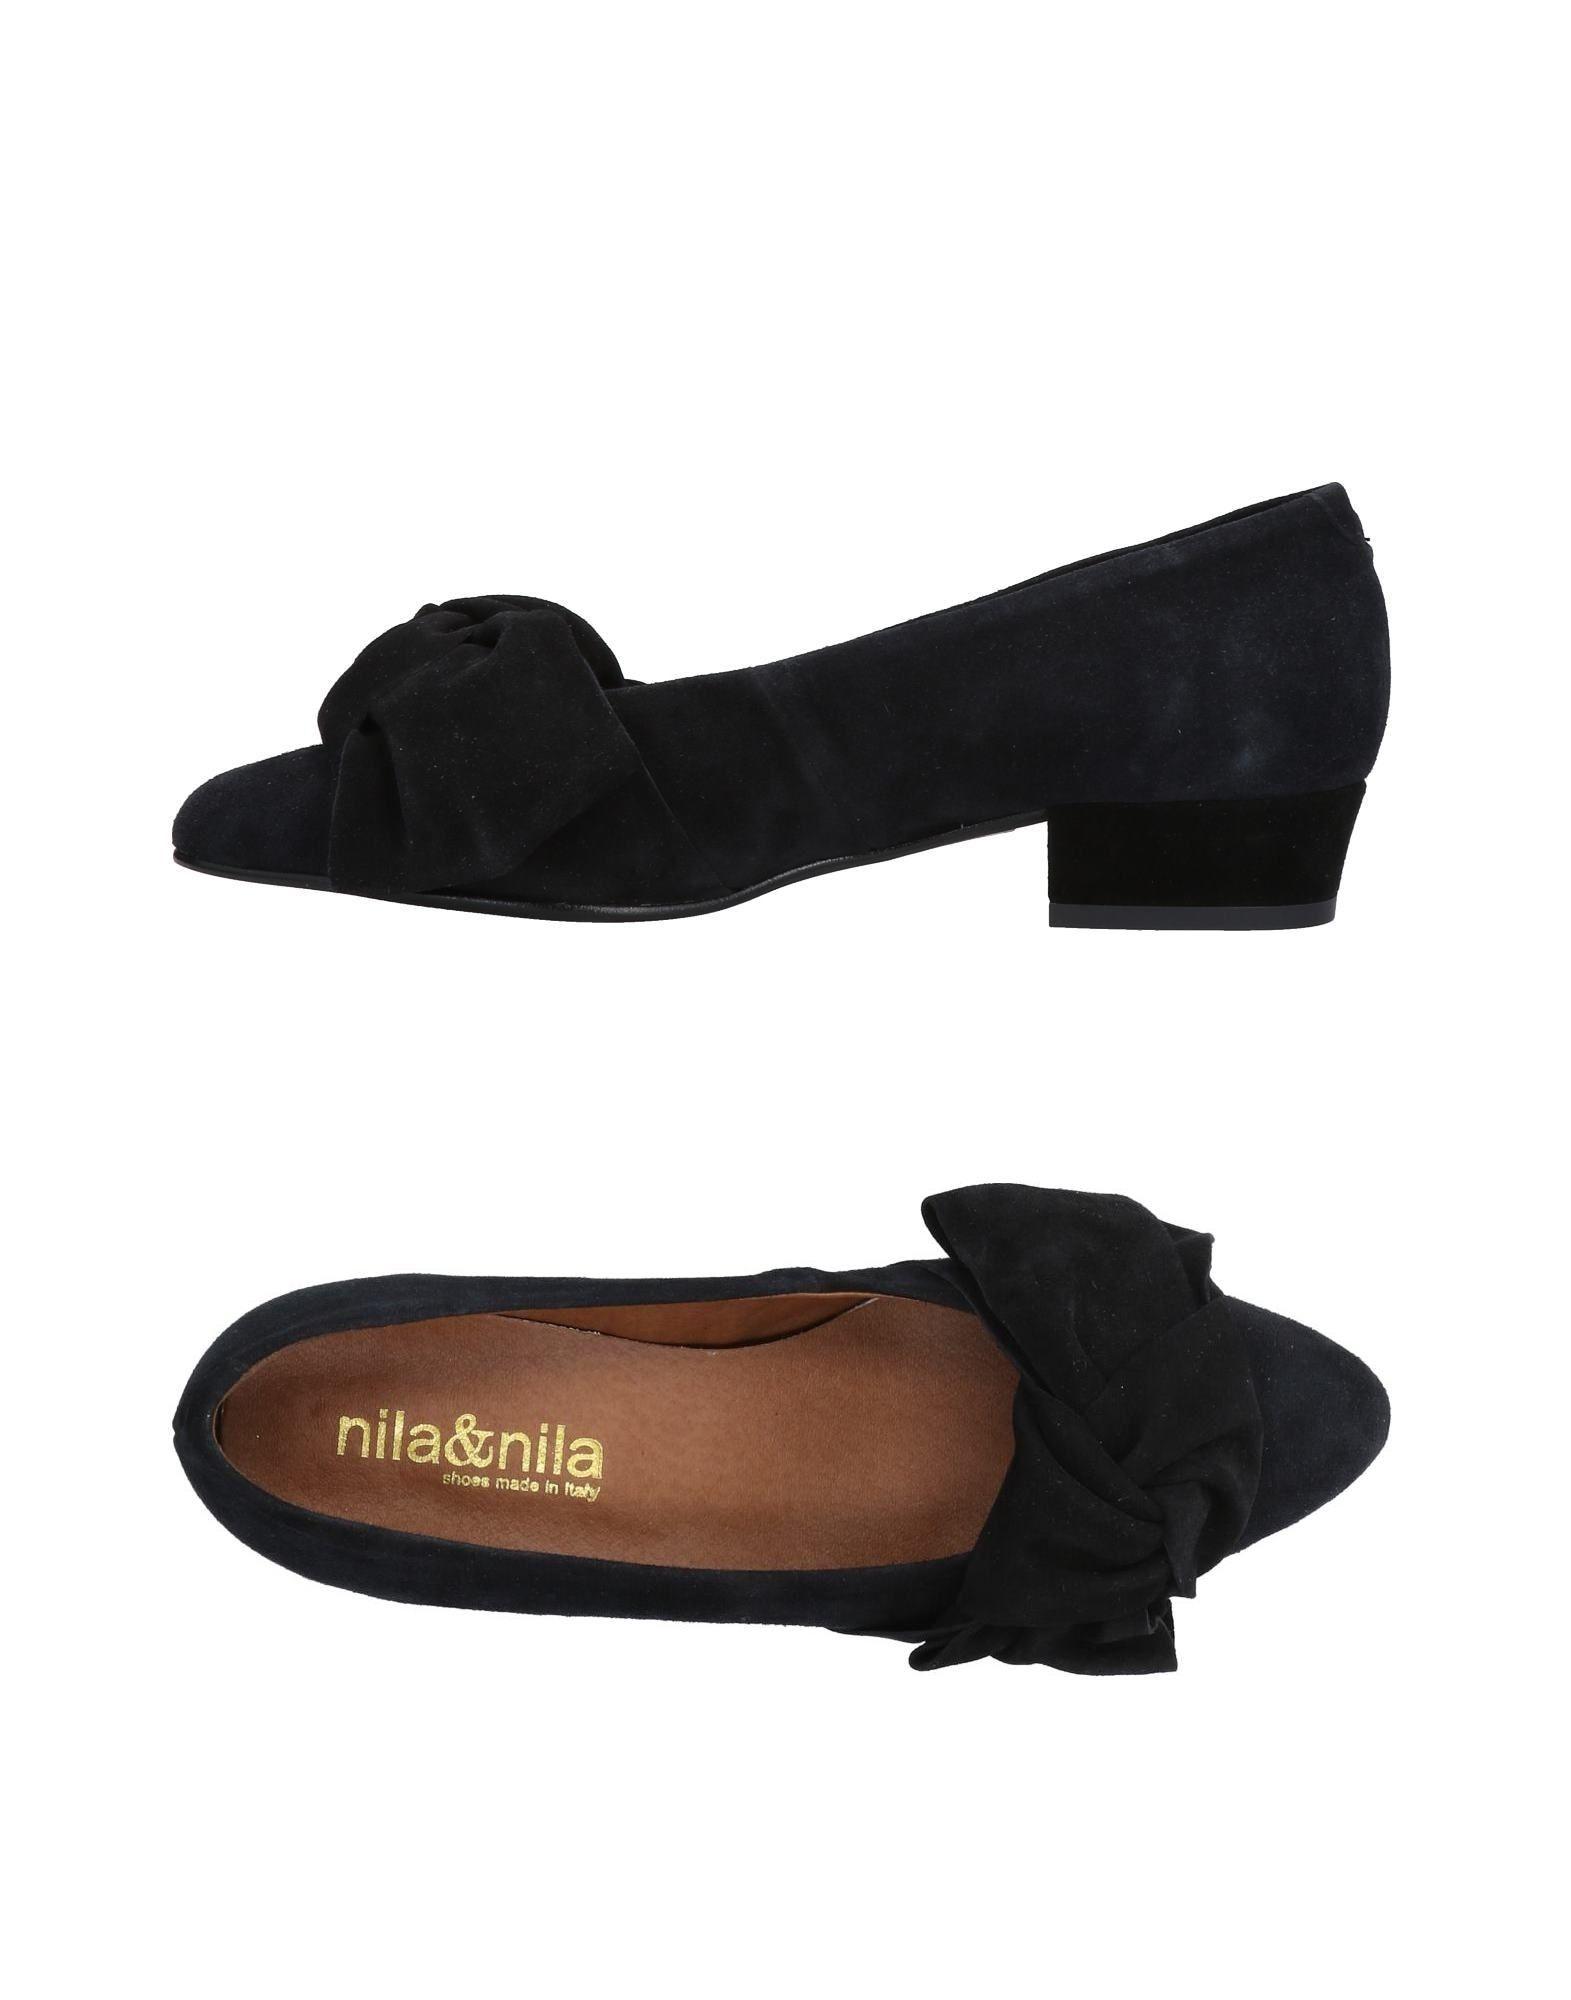 Fashion Shop - NILA & NILA Pumps - Item 11476771